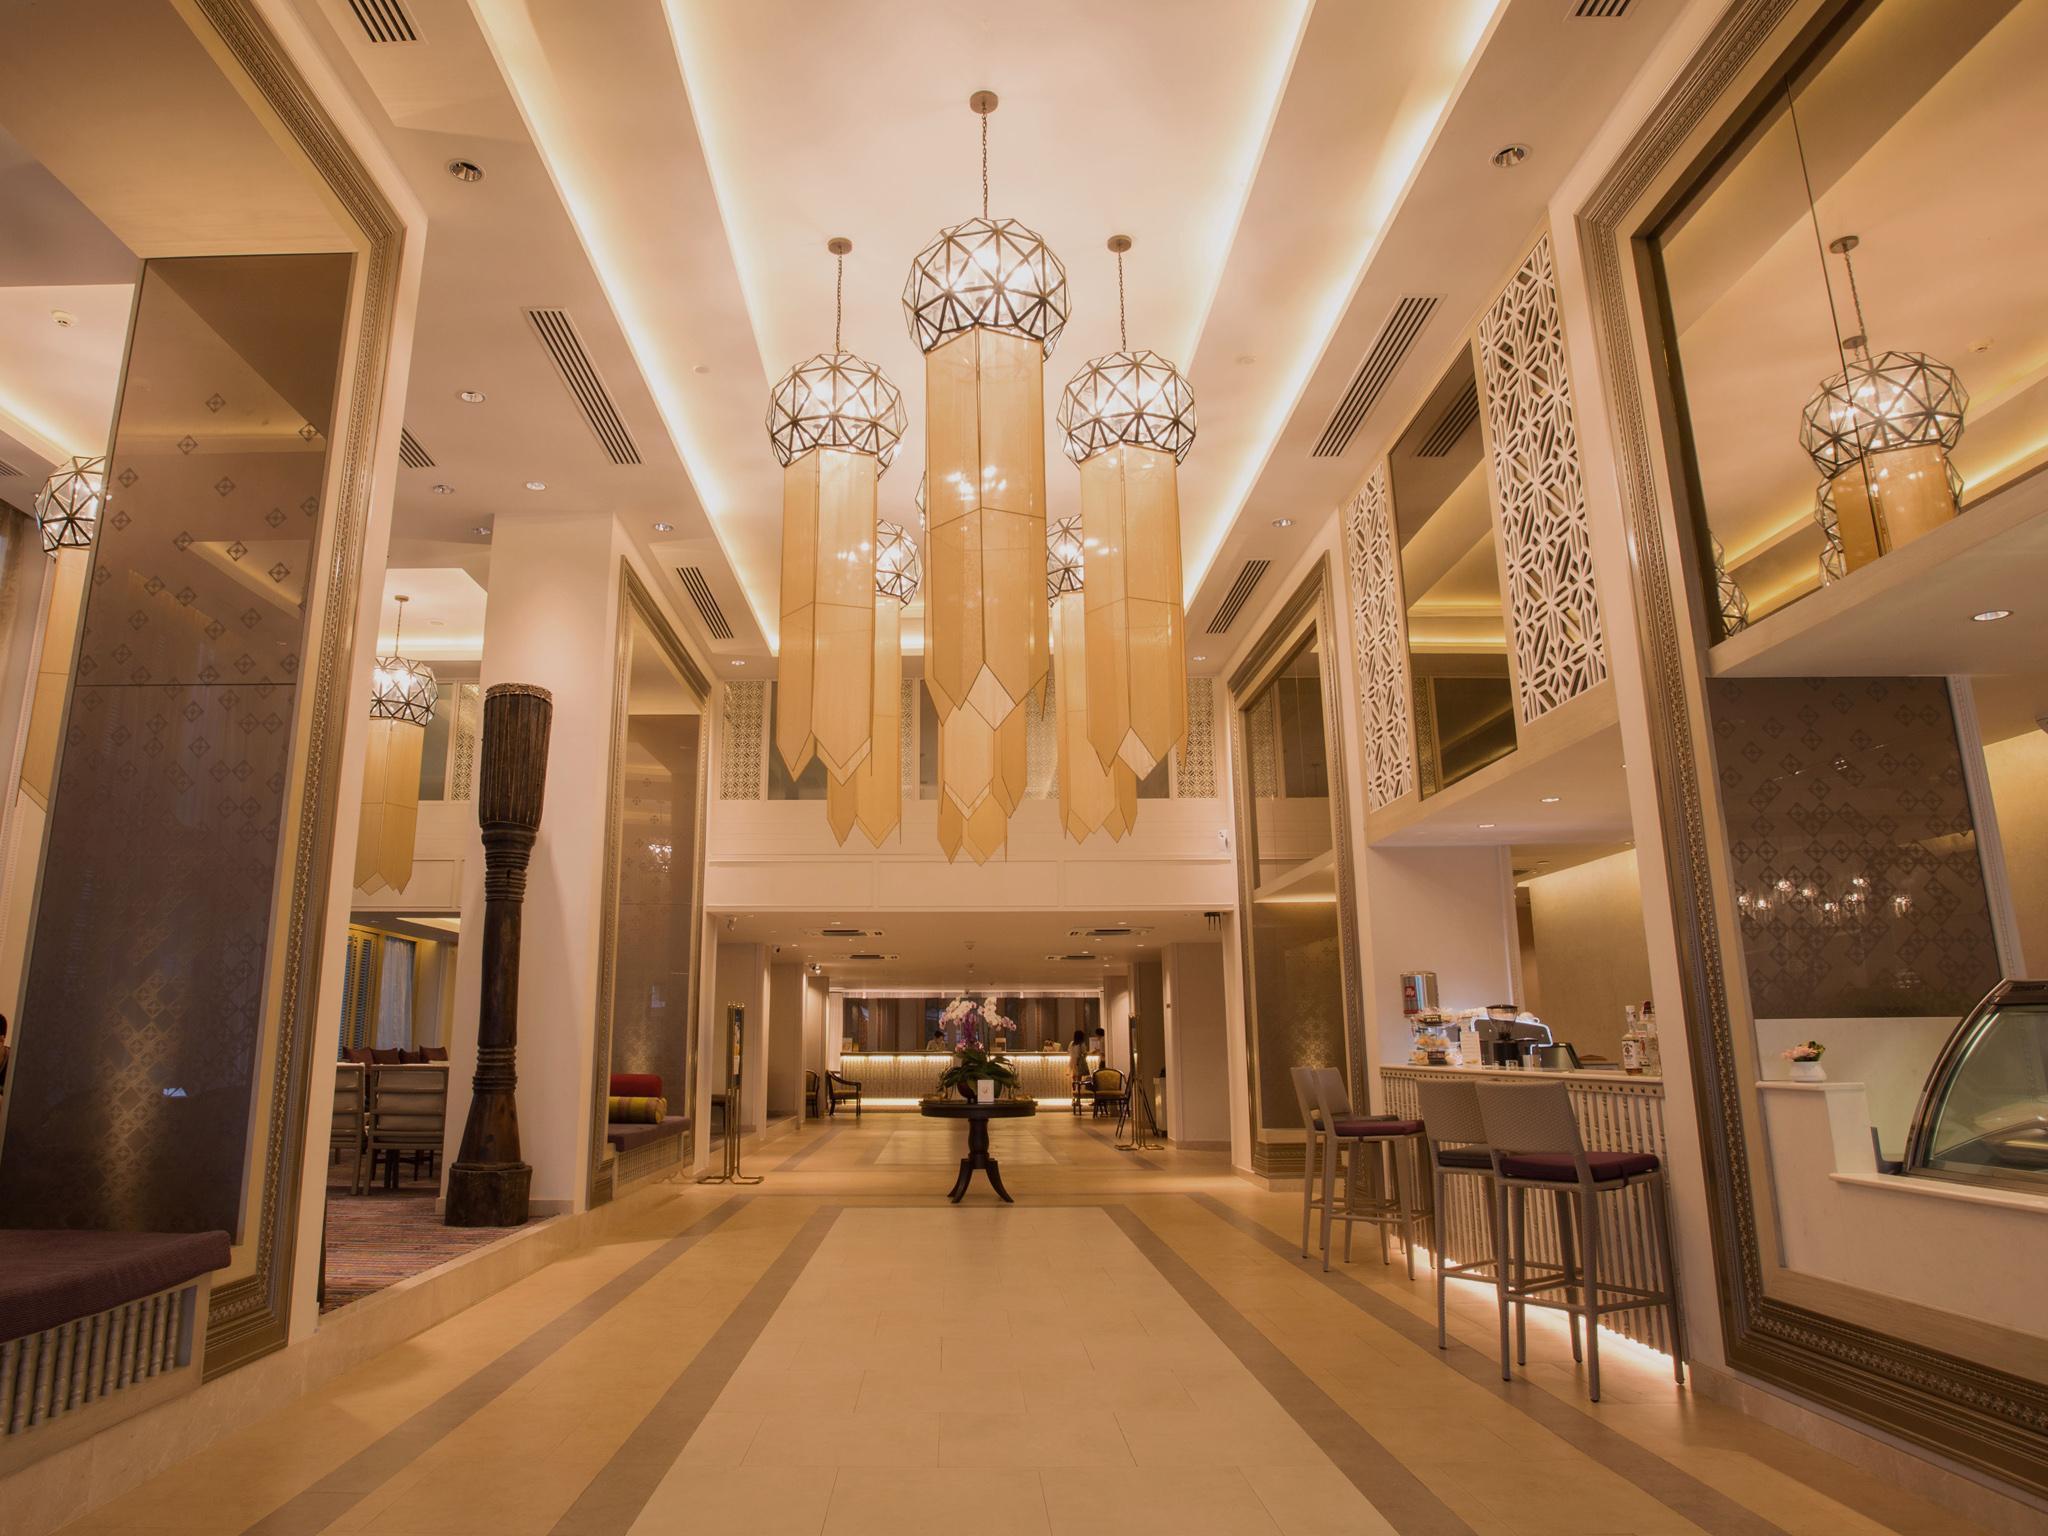 โรงแรมดุสิต ปริ้นเซส เชียงใหม่